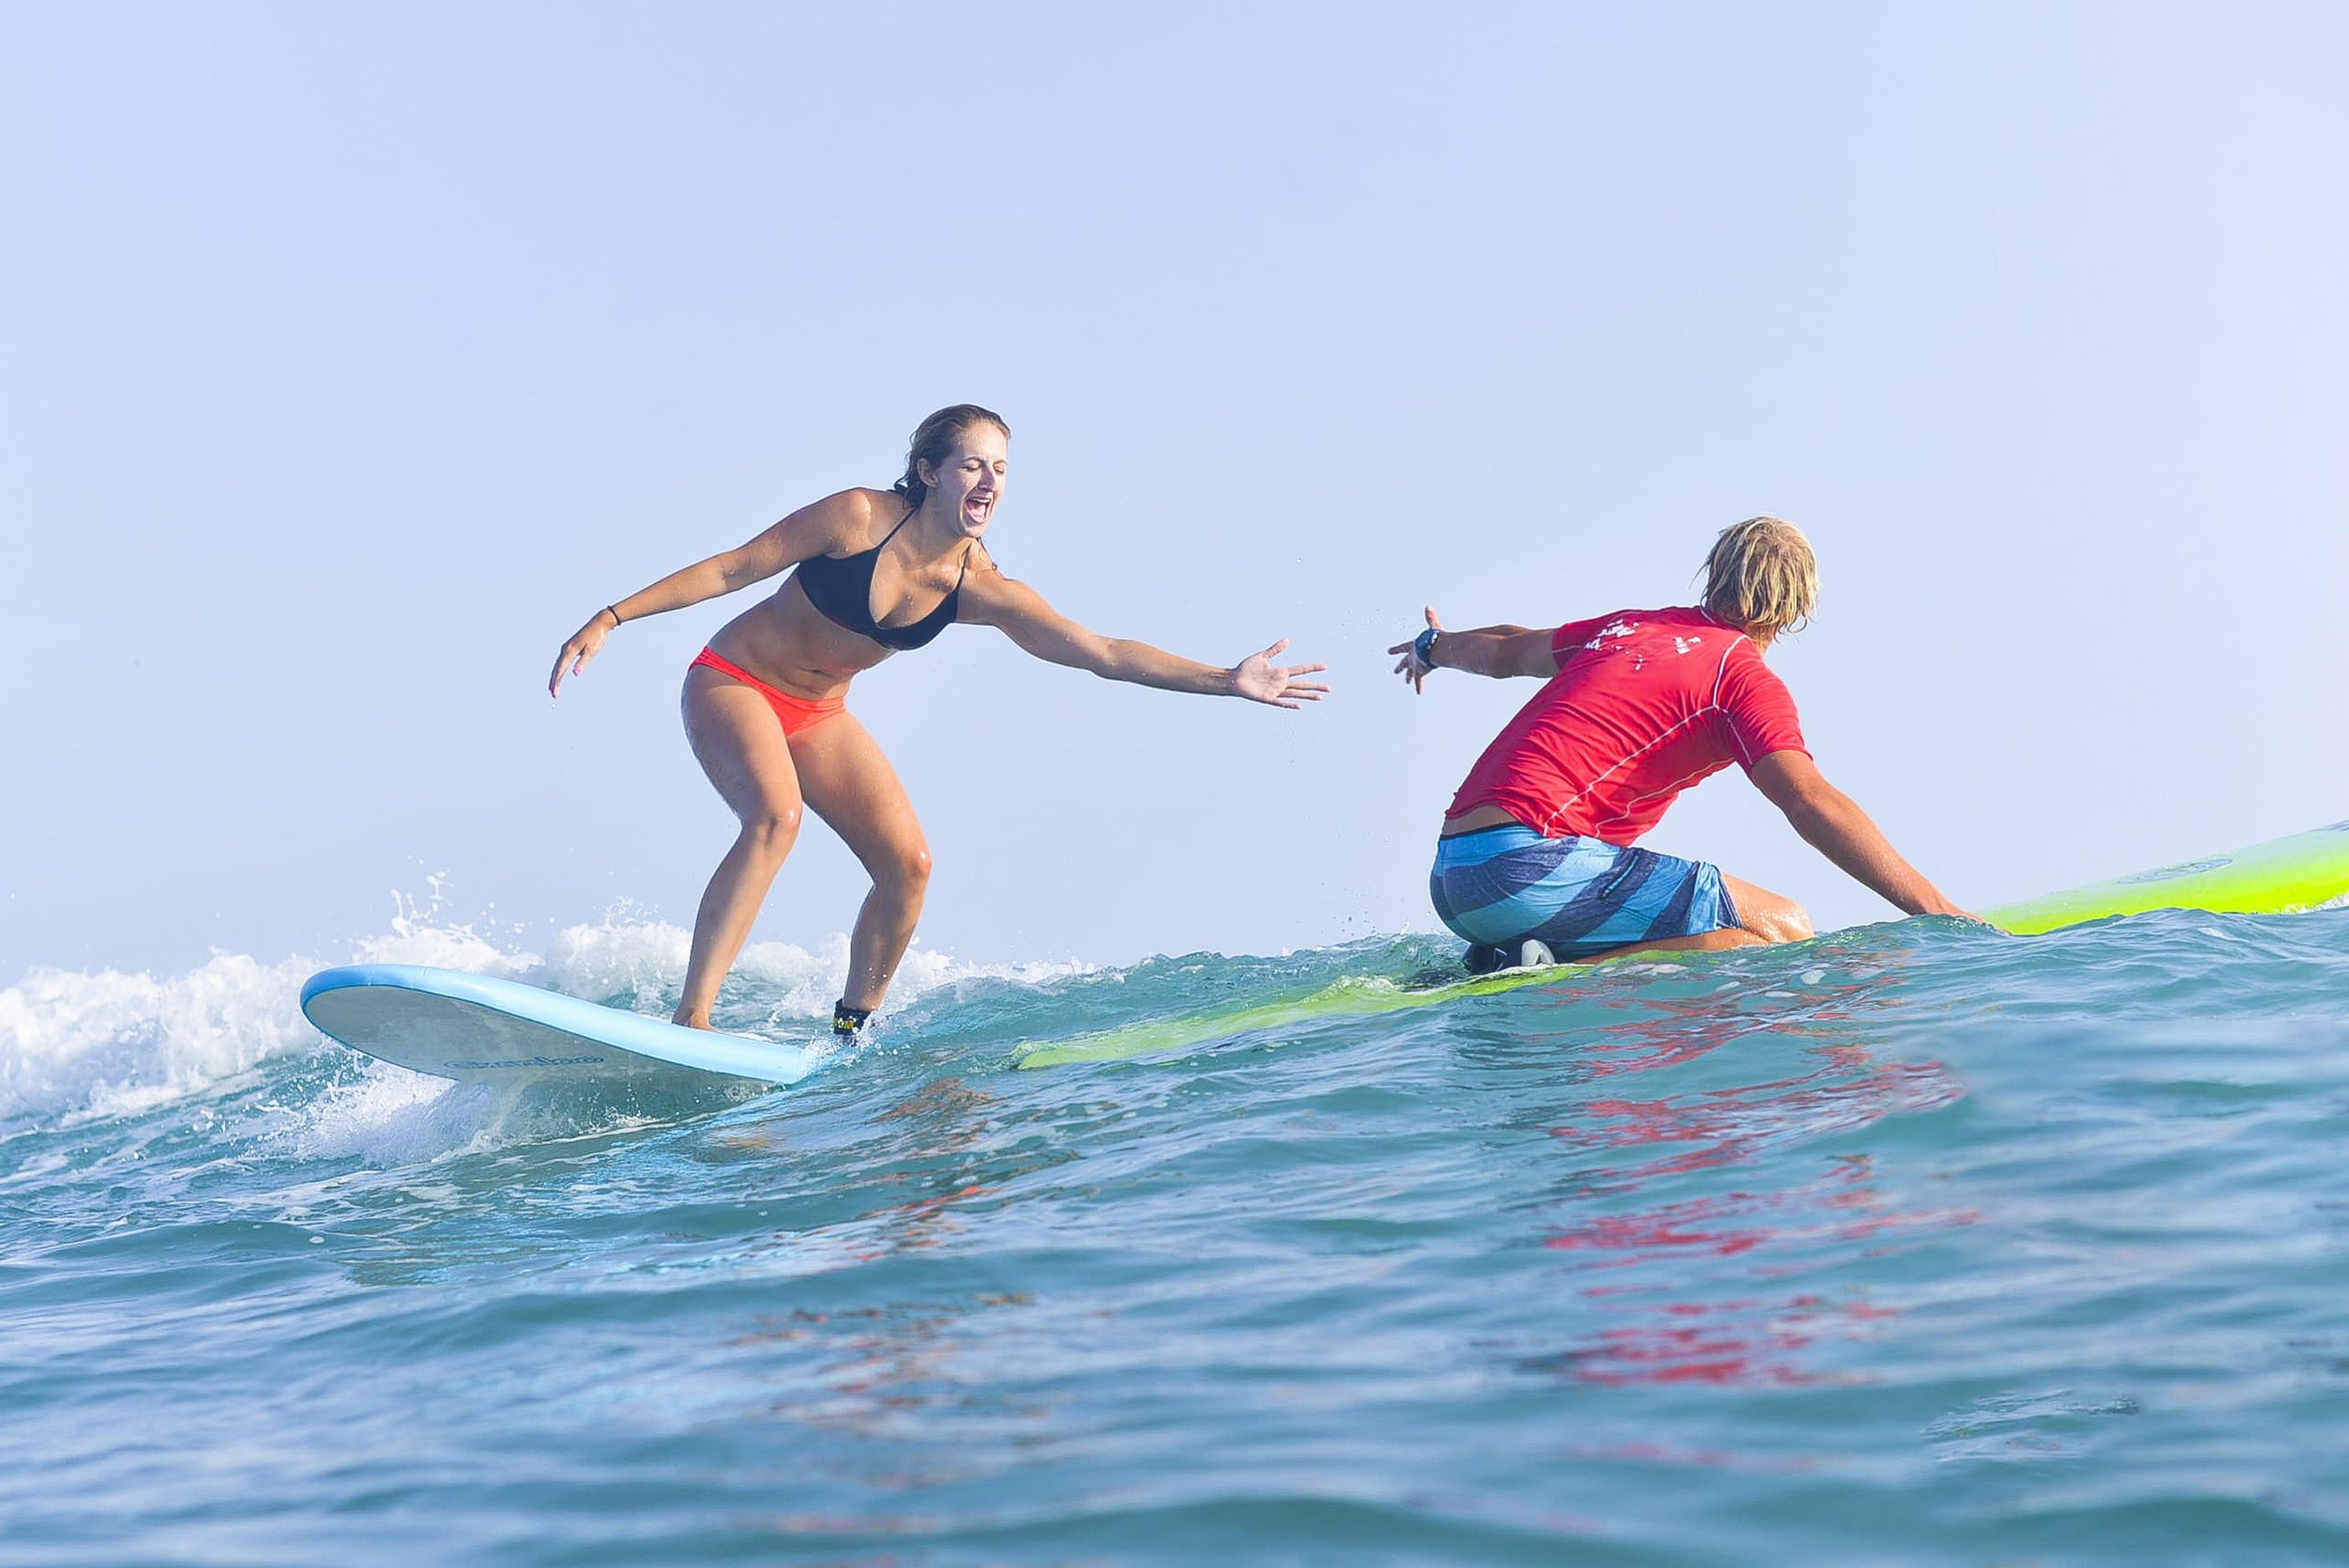 surfing DSC 3983